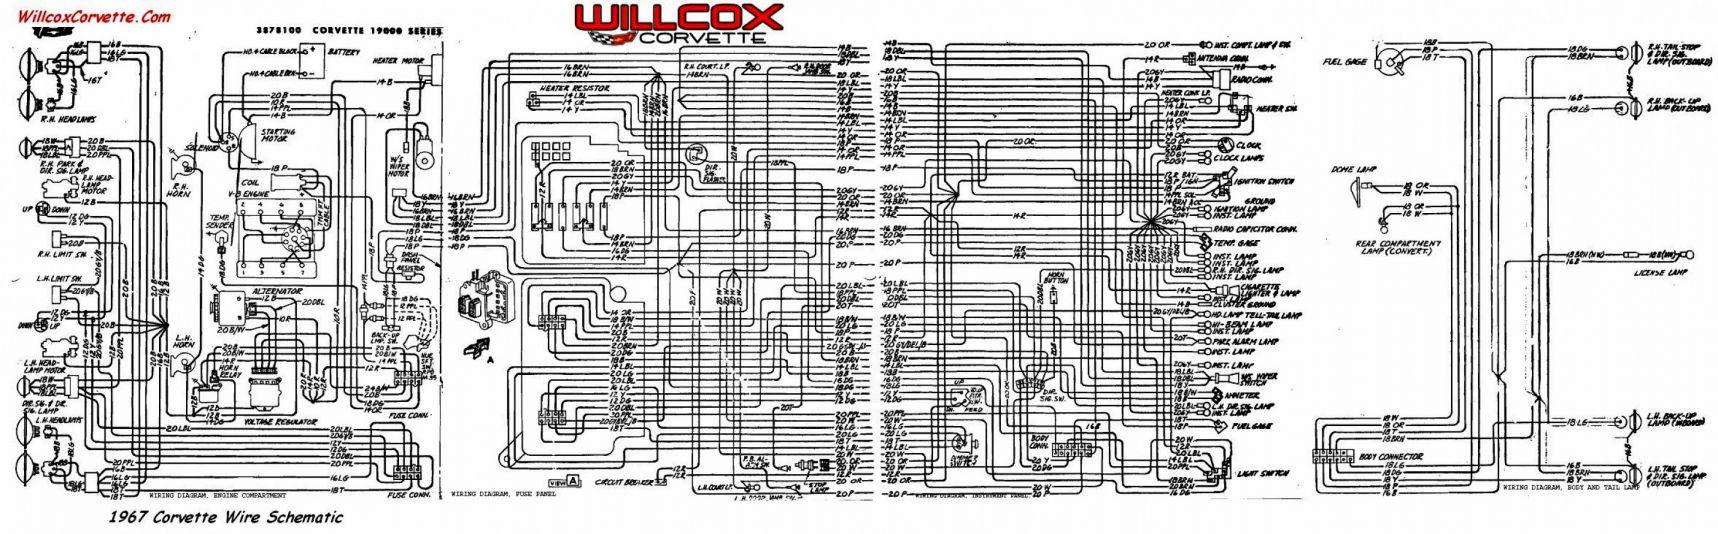 10  1974 Corvette Engine Wiring Diagram